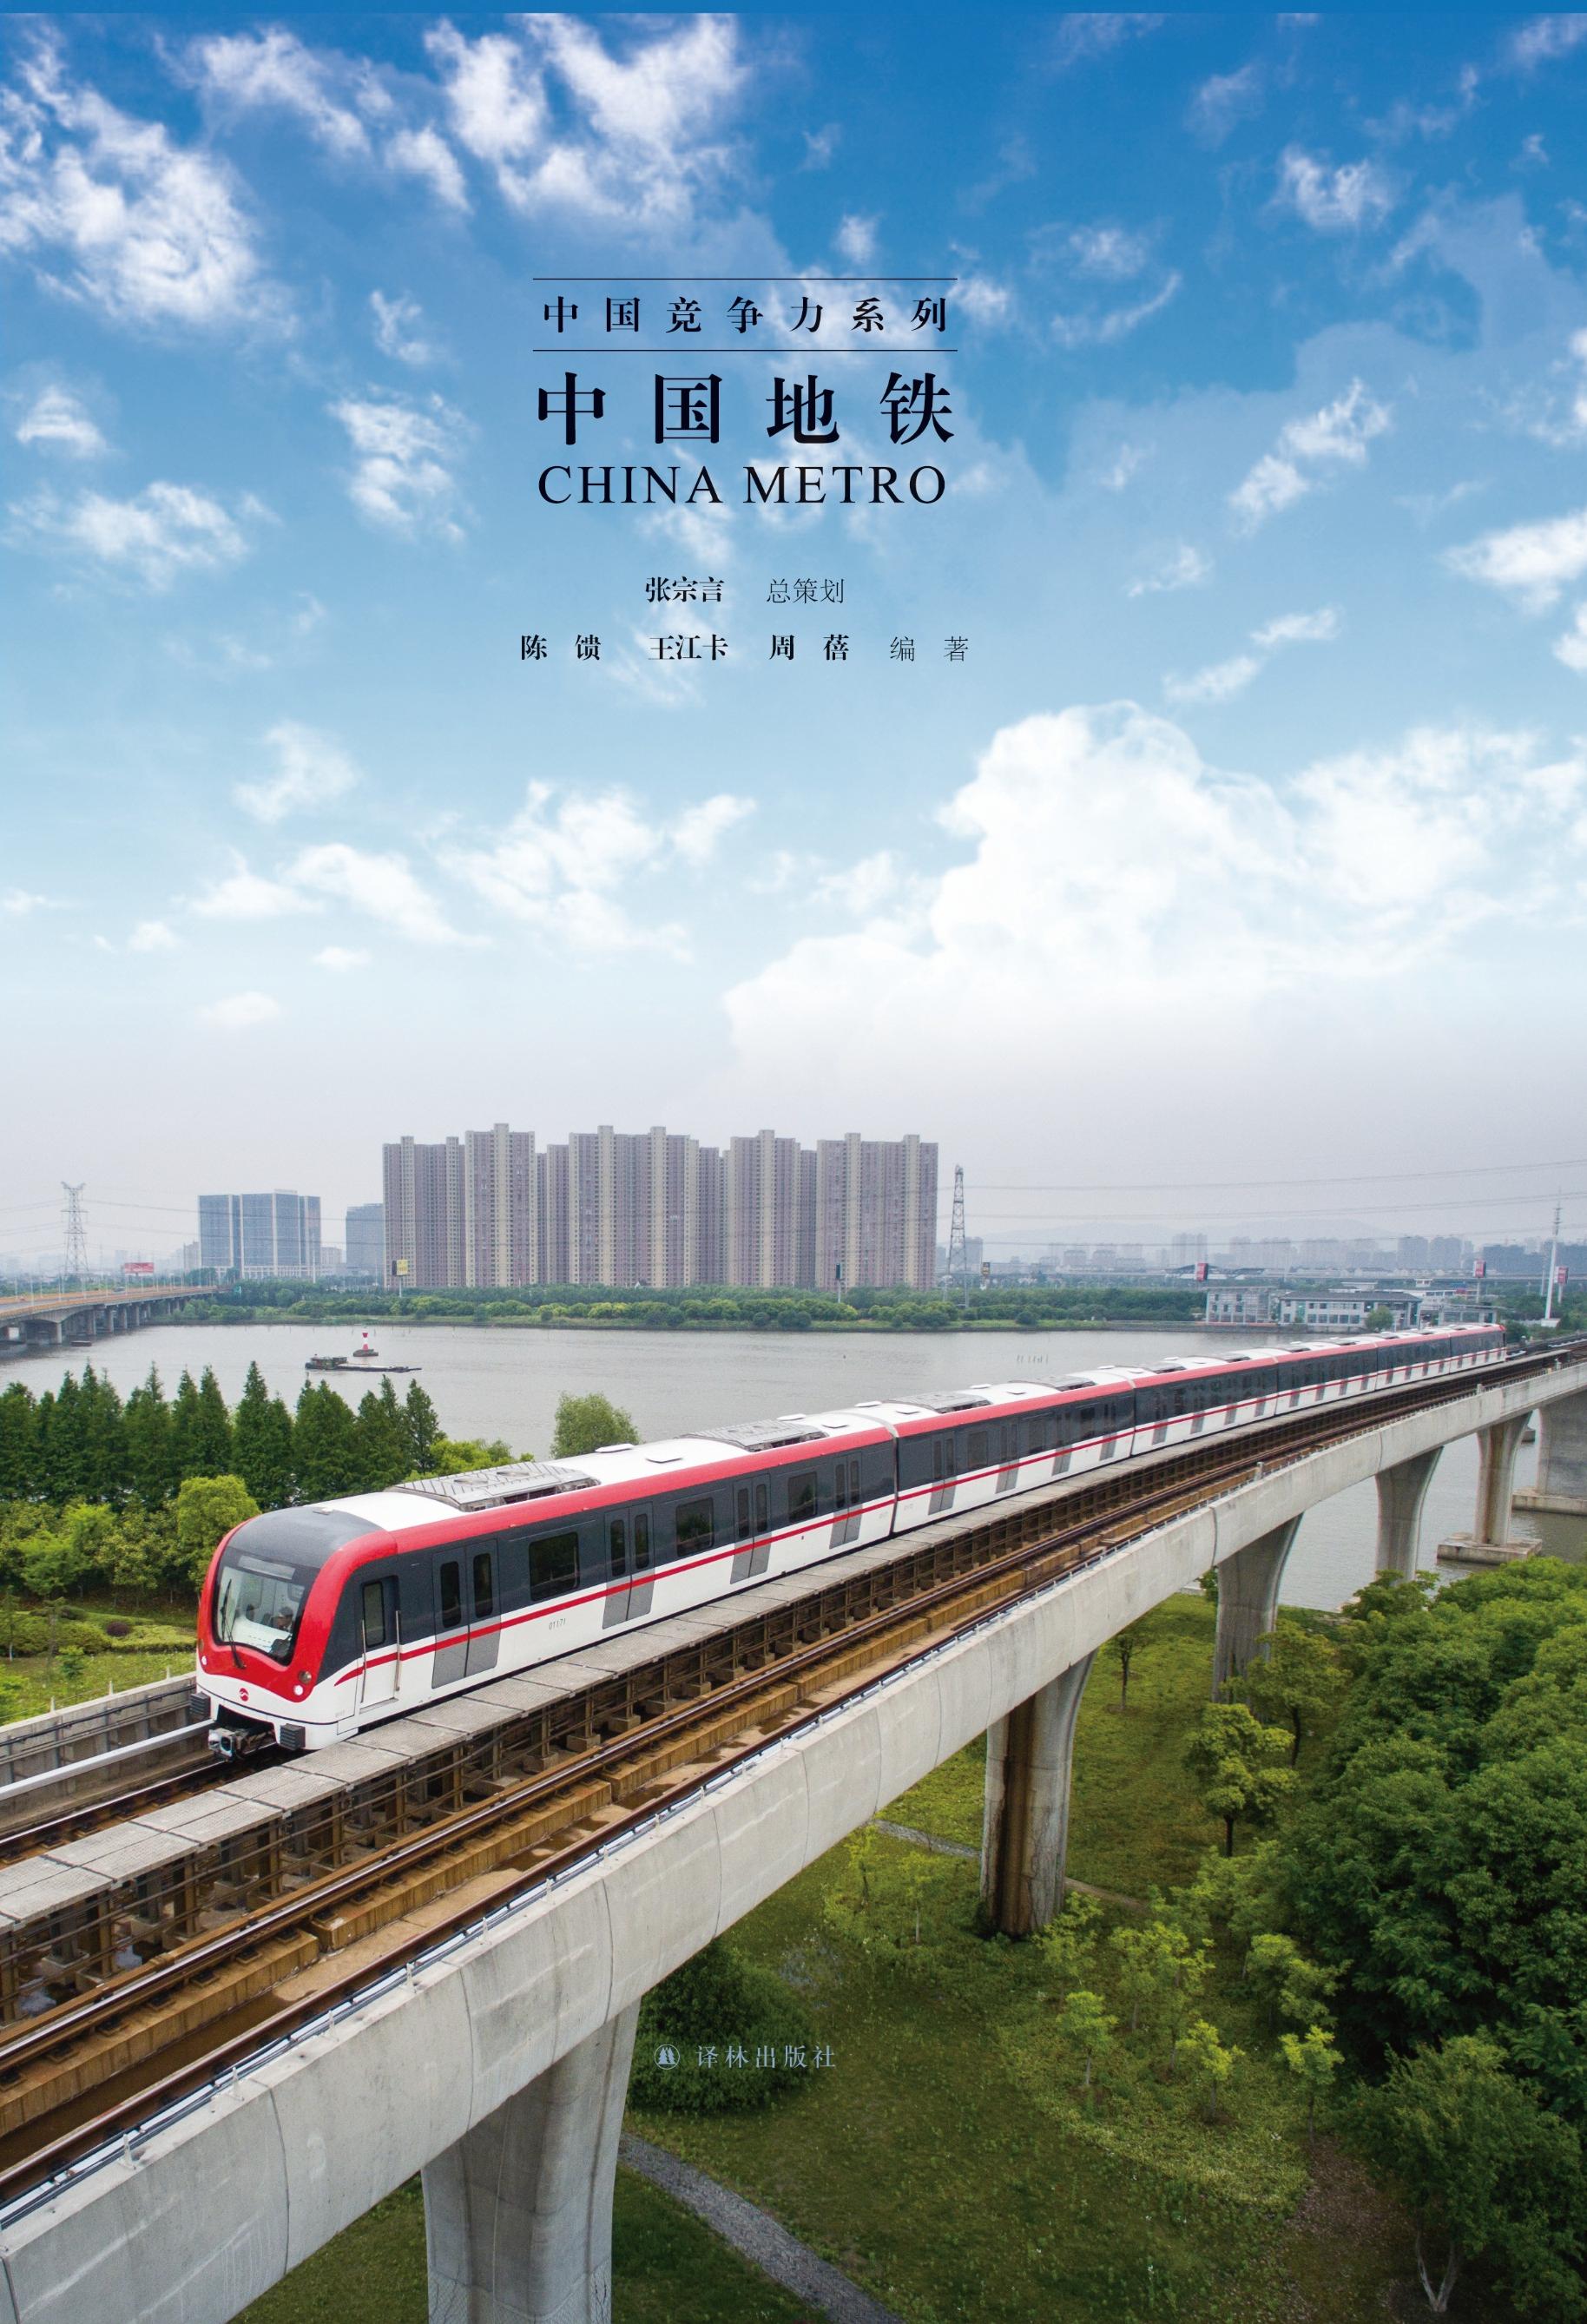 《中国地铁》出版发行――让世界认识中国